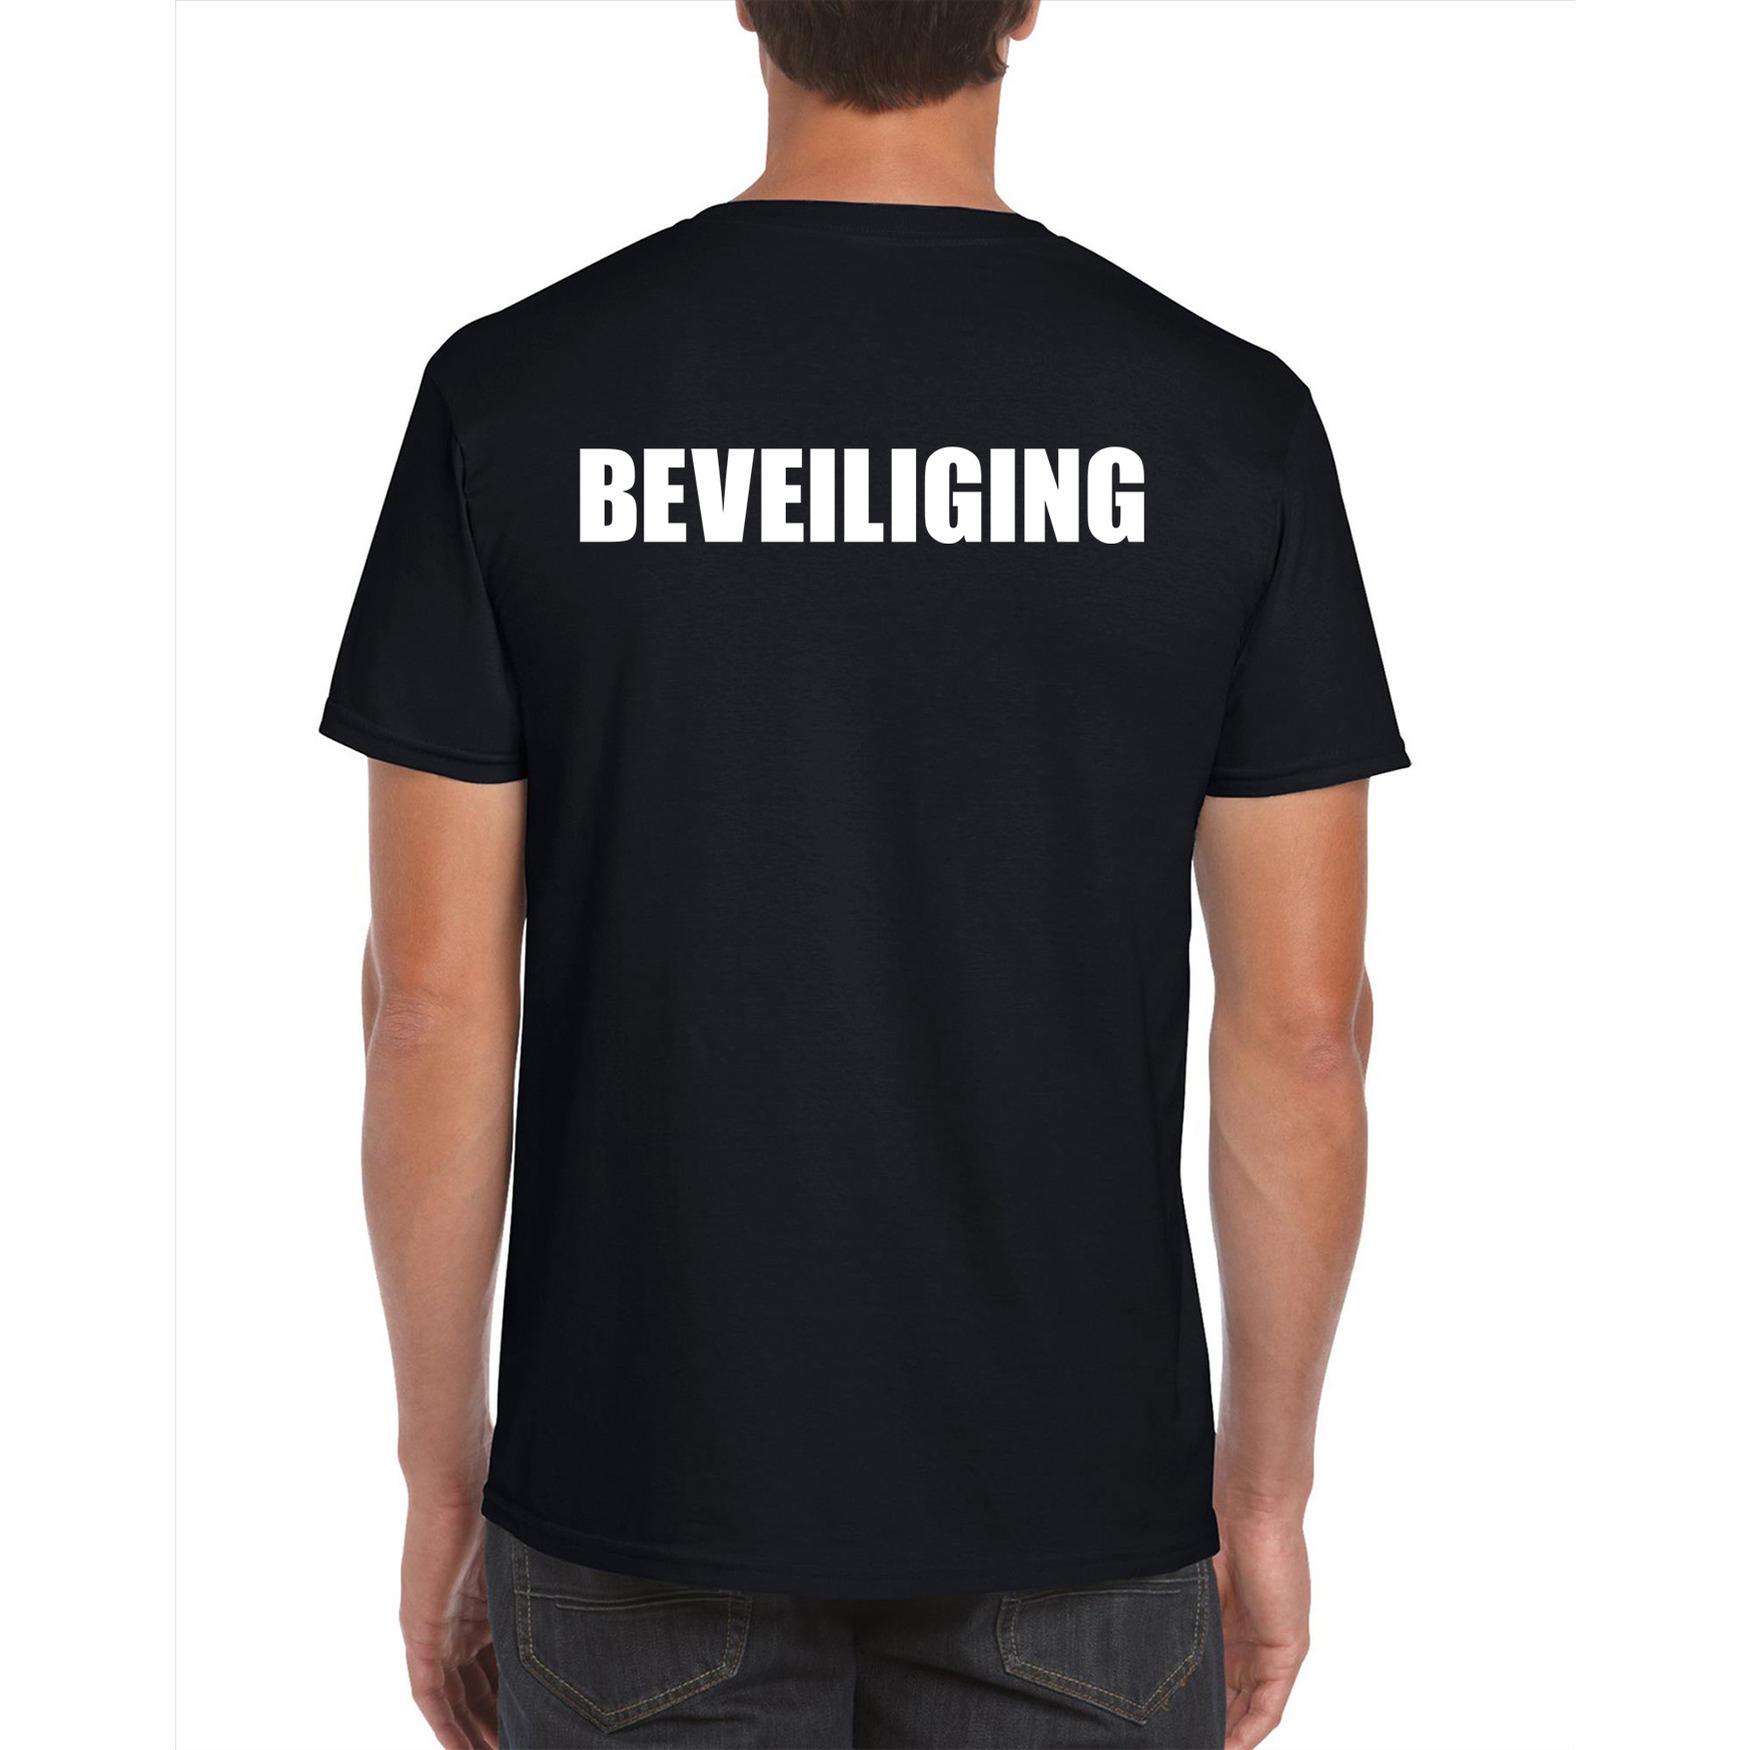 Beveiliging tekst grote maten t-shirt zwart heren